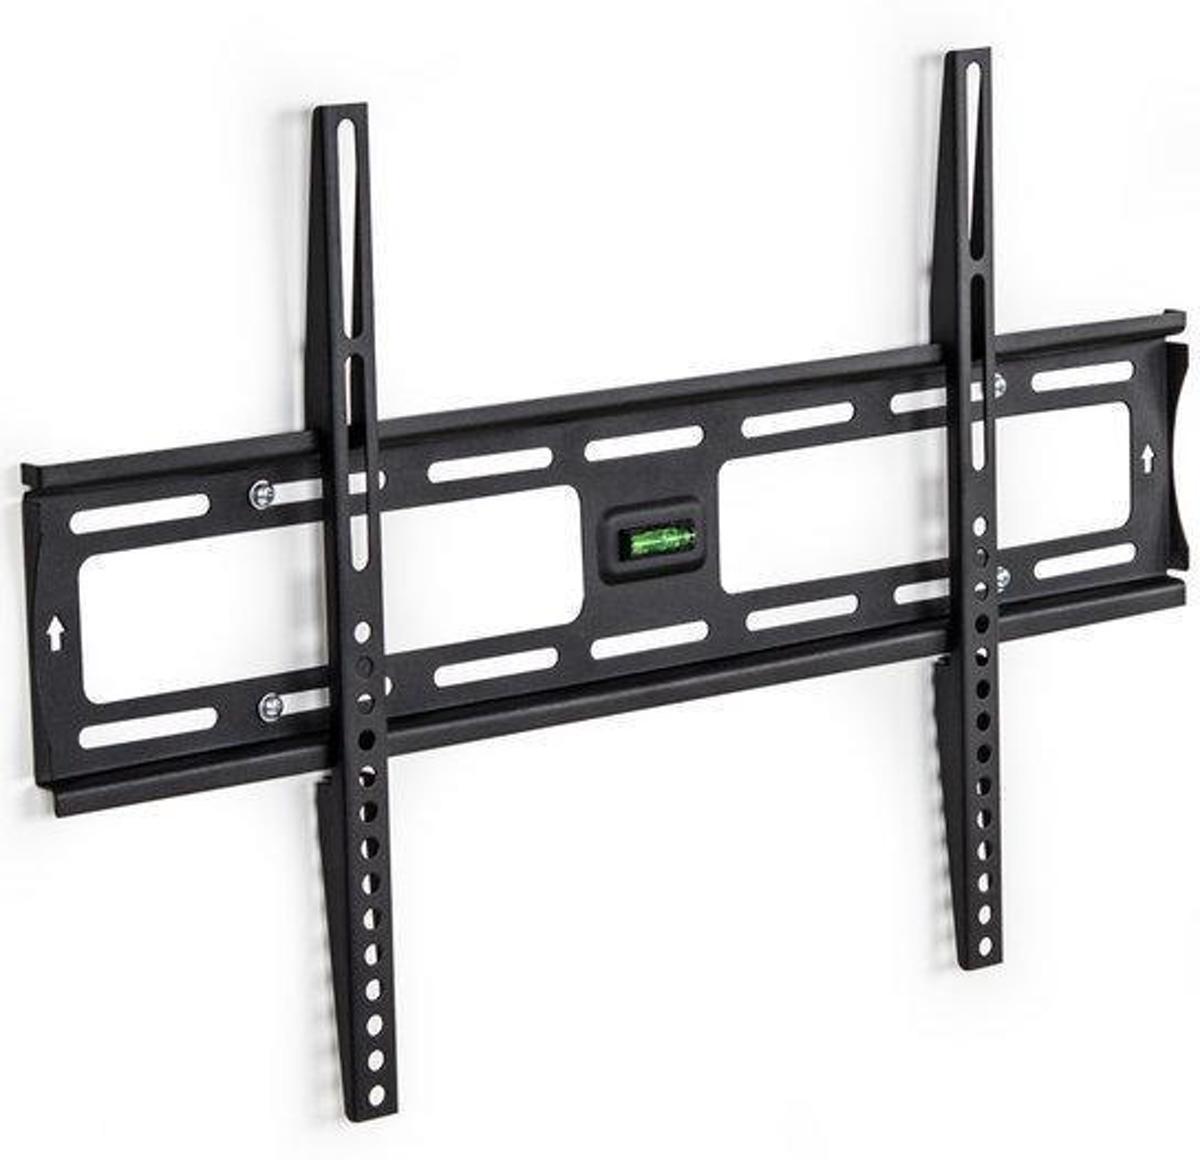 TecTake - Vaste muurbeugel - Geschikt voor tv's van 32 t/m 63 inch kopen